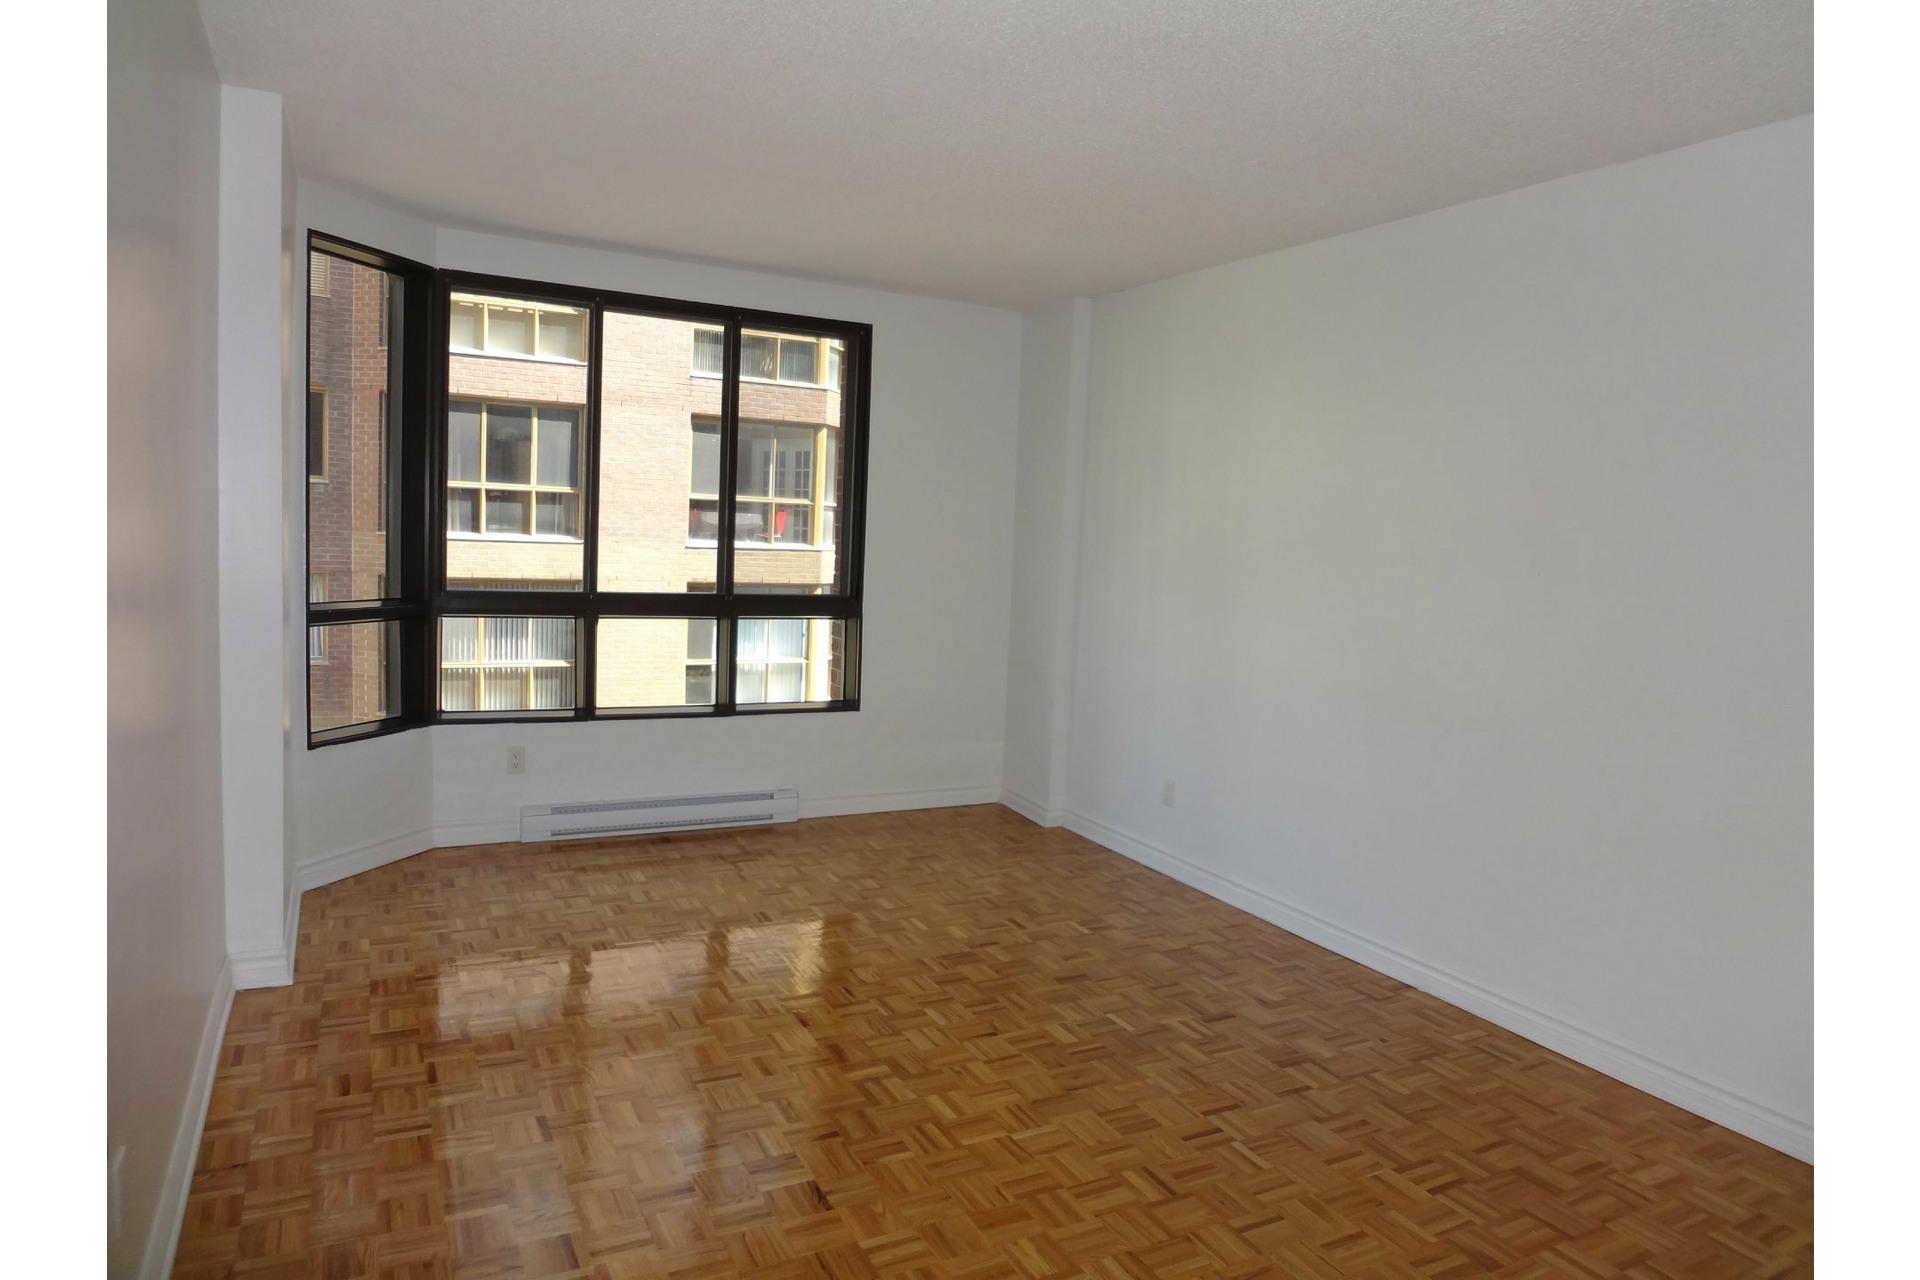 image 5 - Apartment For rent Ville-Marie Montréal  - 5 rooms